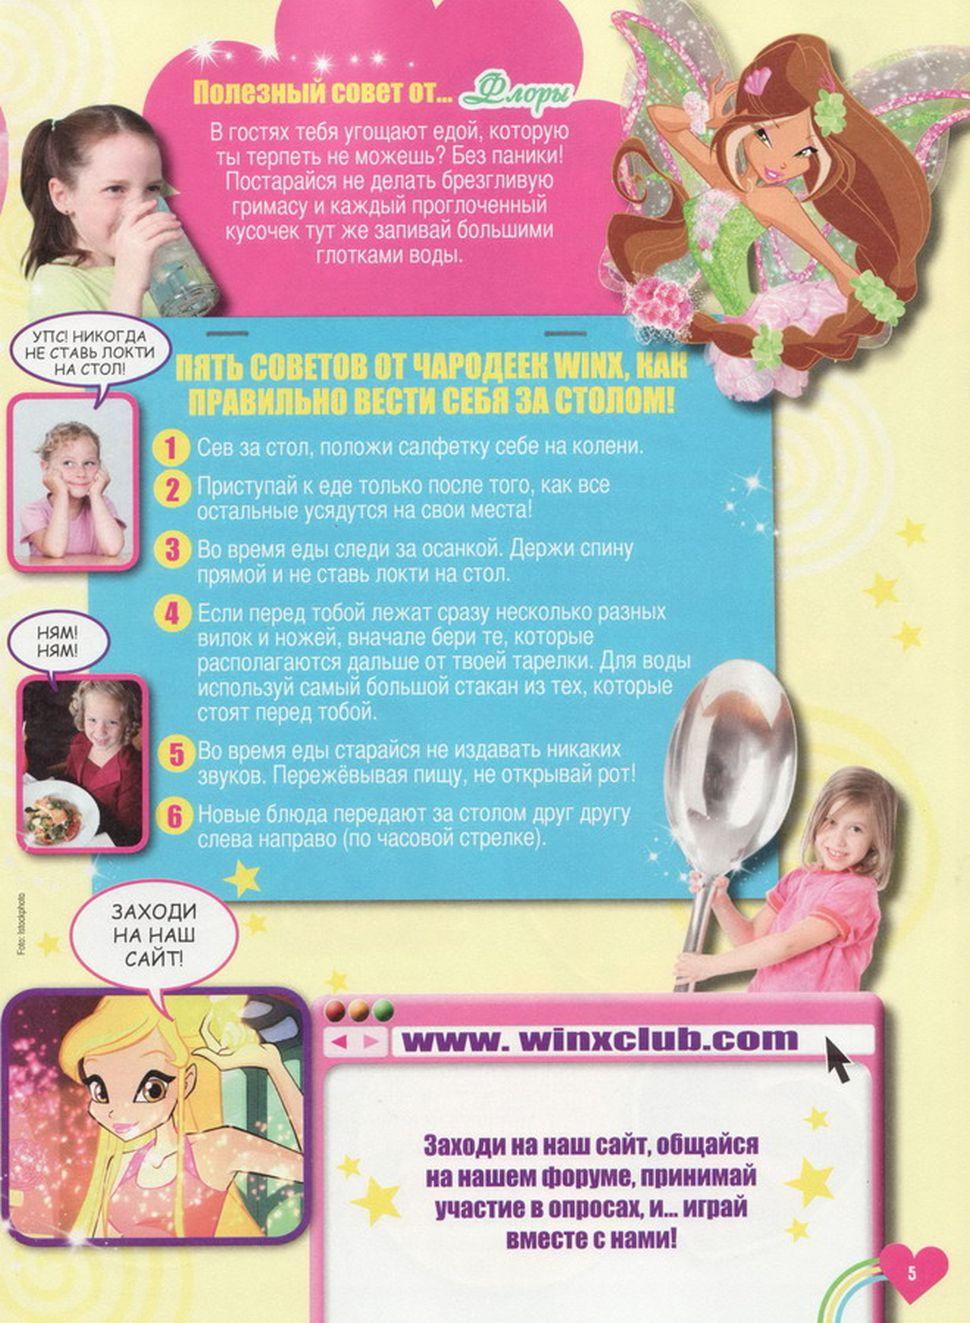 Комикс Винкс Winx - Чудище Бермудского треугольника (Журнал Винкс №08 2013)